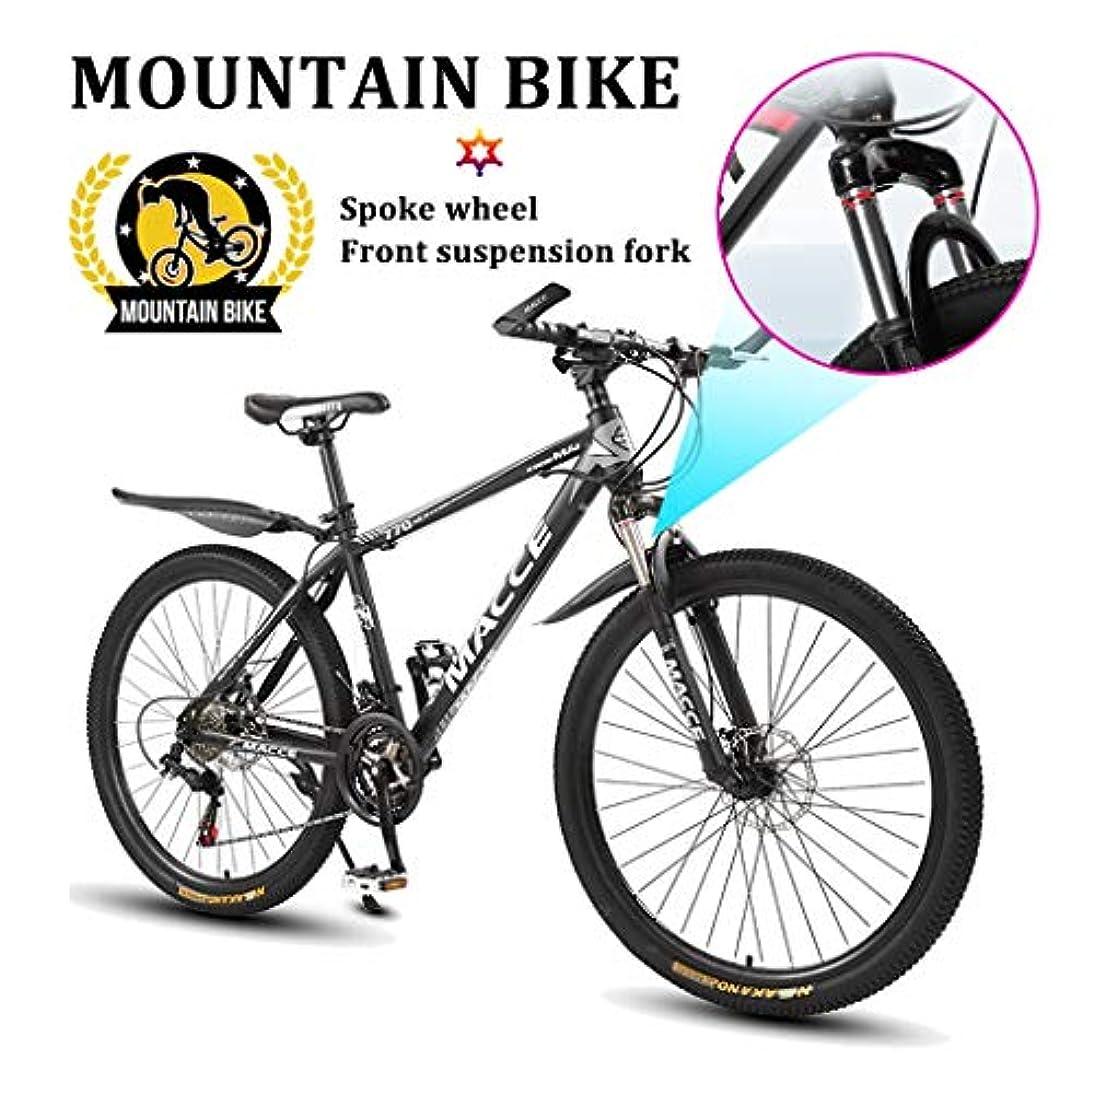 教義シャイニング明らかにする26インチマウンテンバイク自転車可変速度スポークホイールダブルディスクブレーキショック吸収男性と女性大人オフロードレーシング自転車、21/24/27スピード (Color : White, Size : 21 speed)